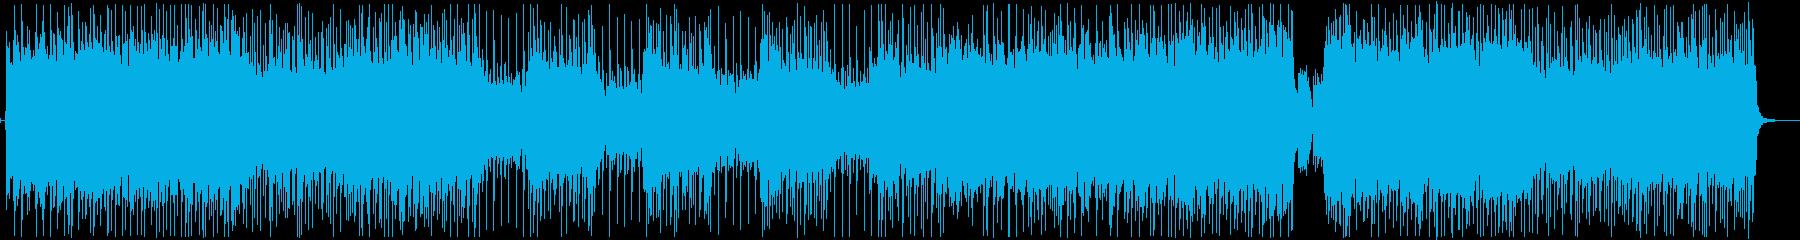 短縮ver疾走感のあるアナログ和風ロックの再生済みの波形